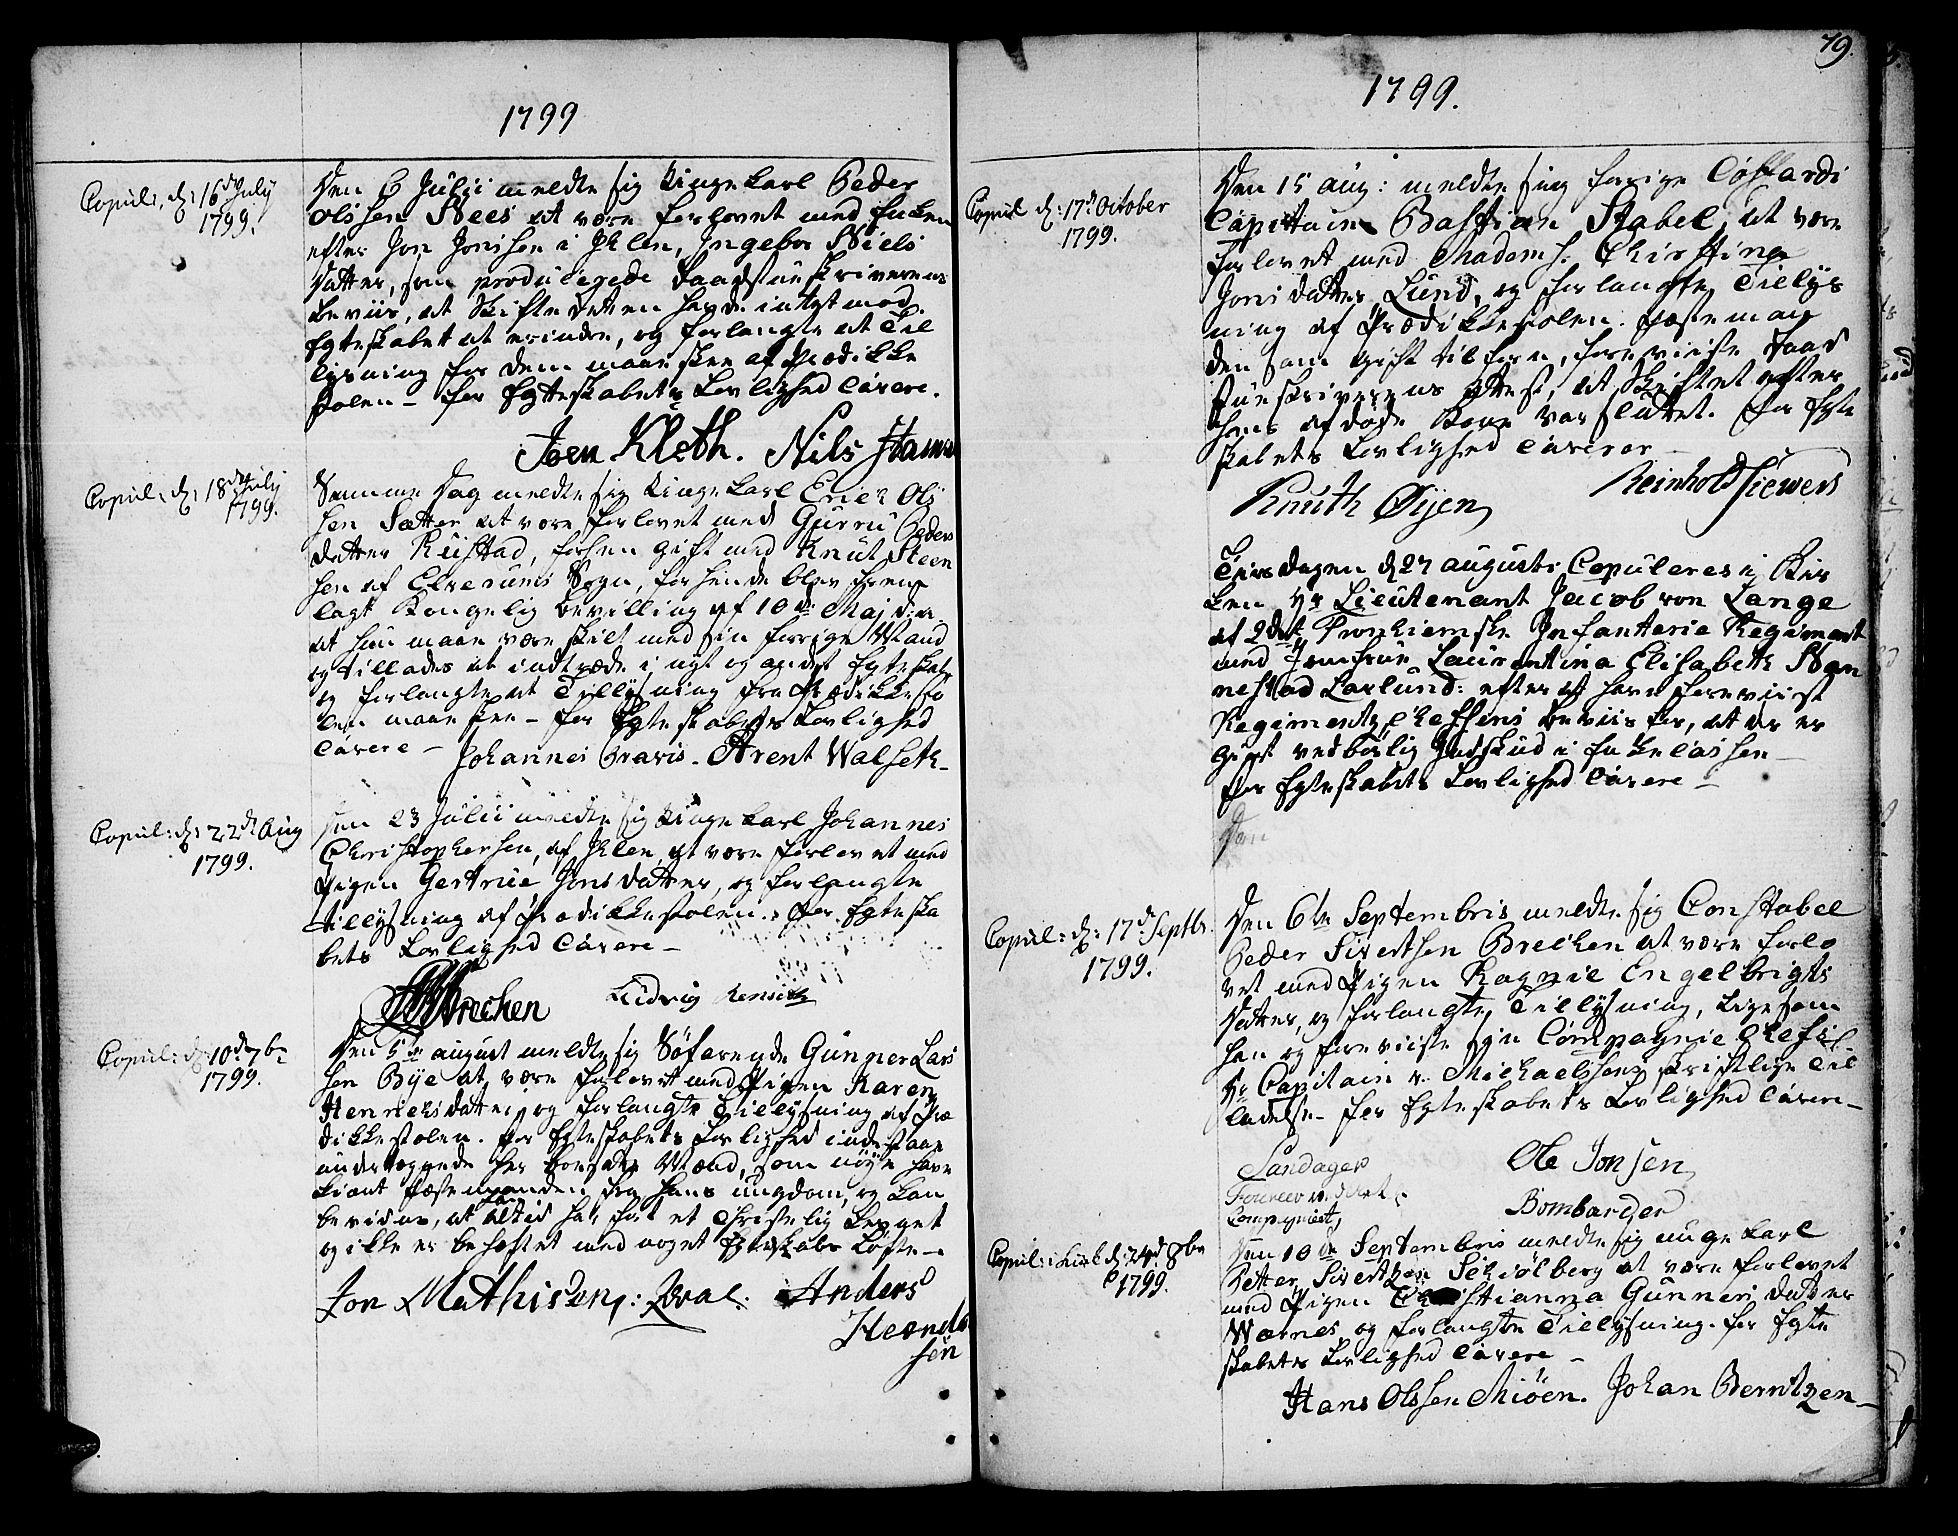 SAT, Ministerialprotokoller, klokkerbøker og fødselsregistre - Sør-Trøndelag, 601/L0041: Ministerialbok nr. 601A09, 1784-1801, s. 79